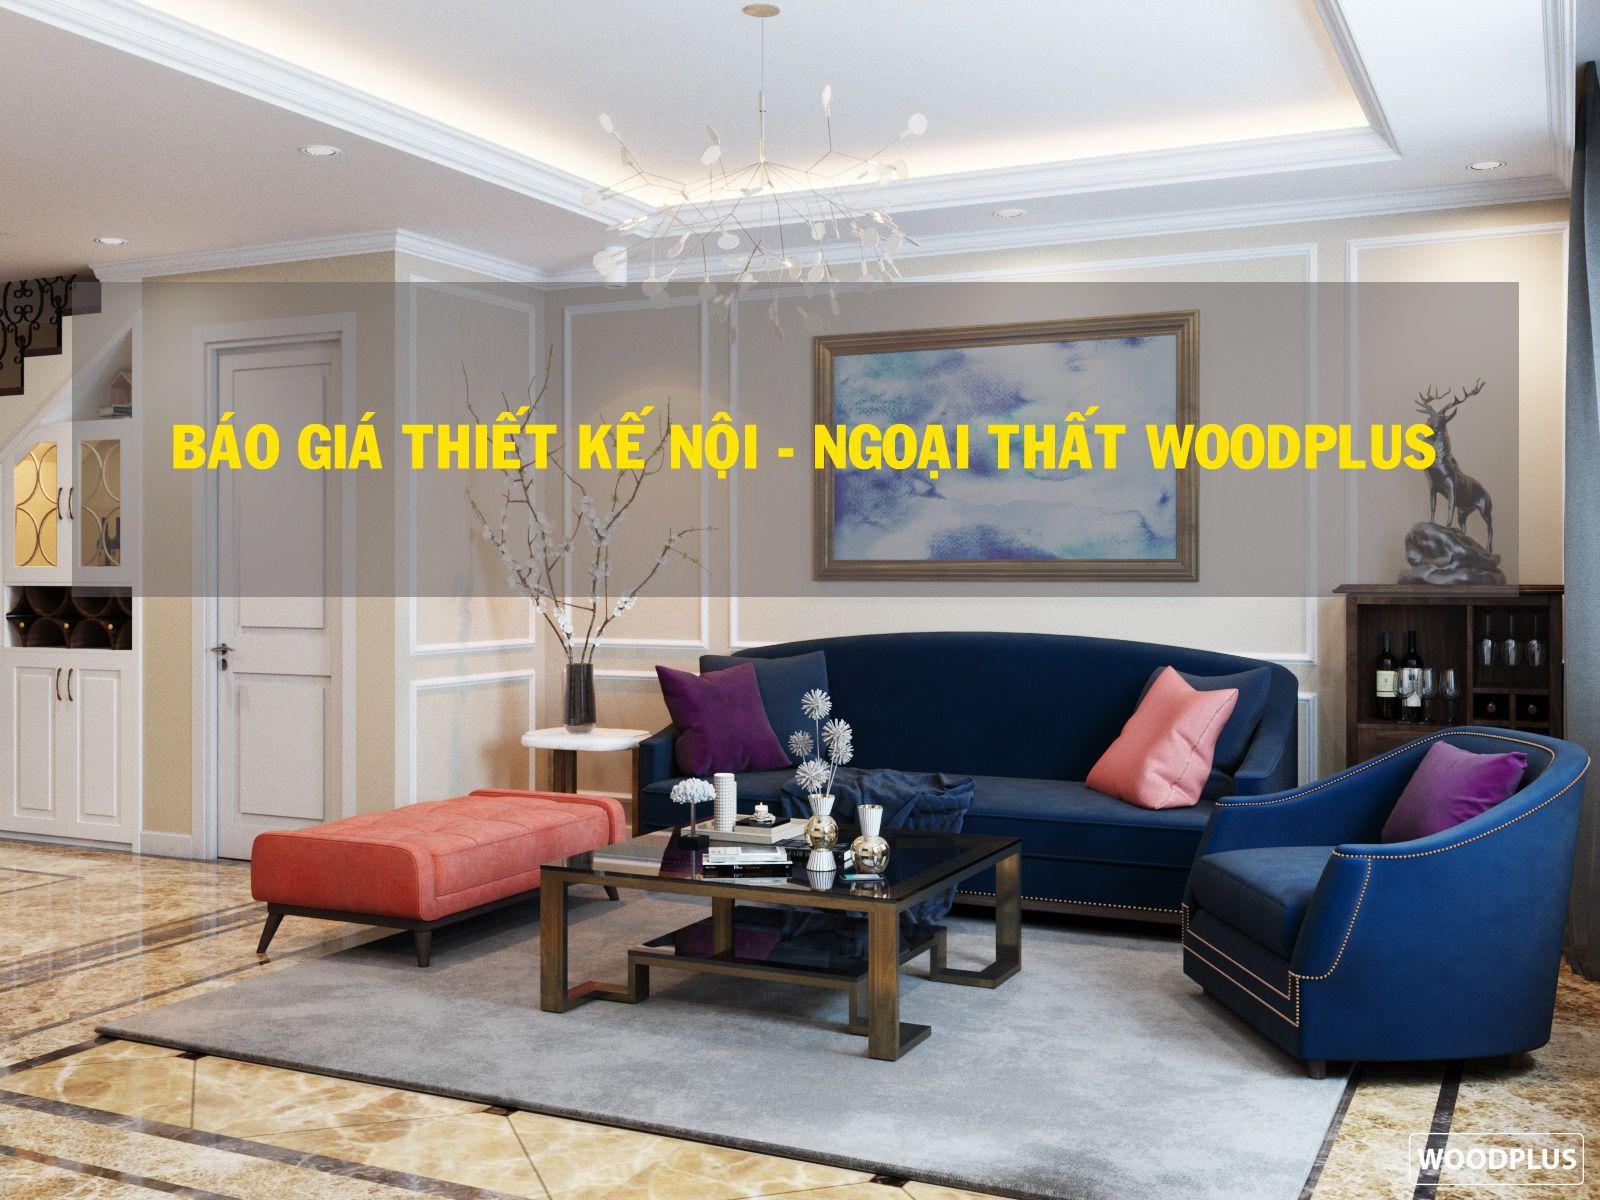 Báo giá thiết kế nội ngoại thất WoodPlus